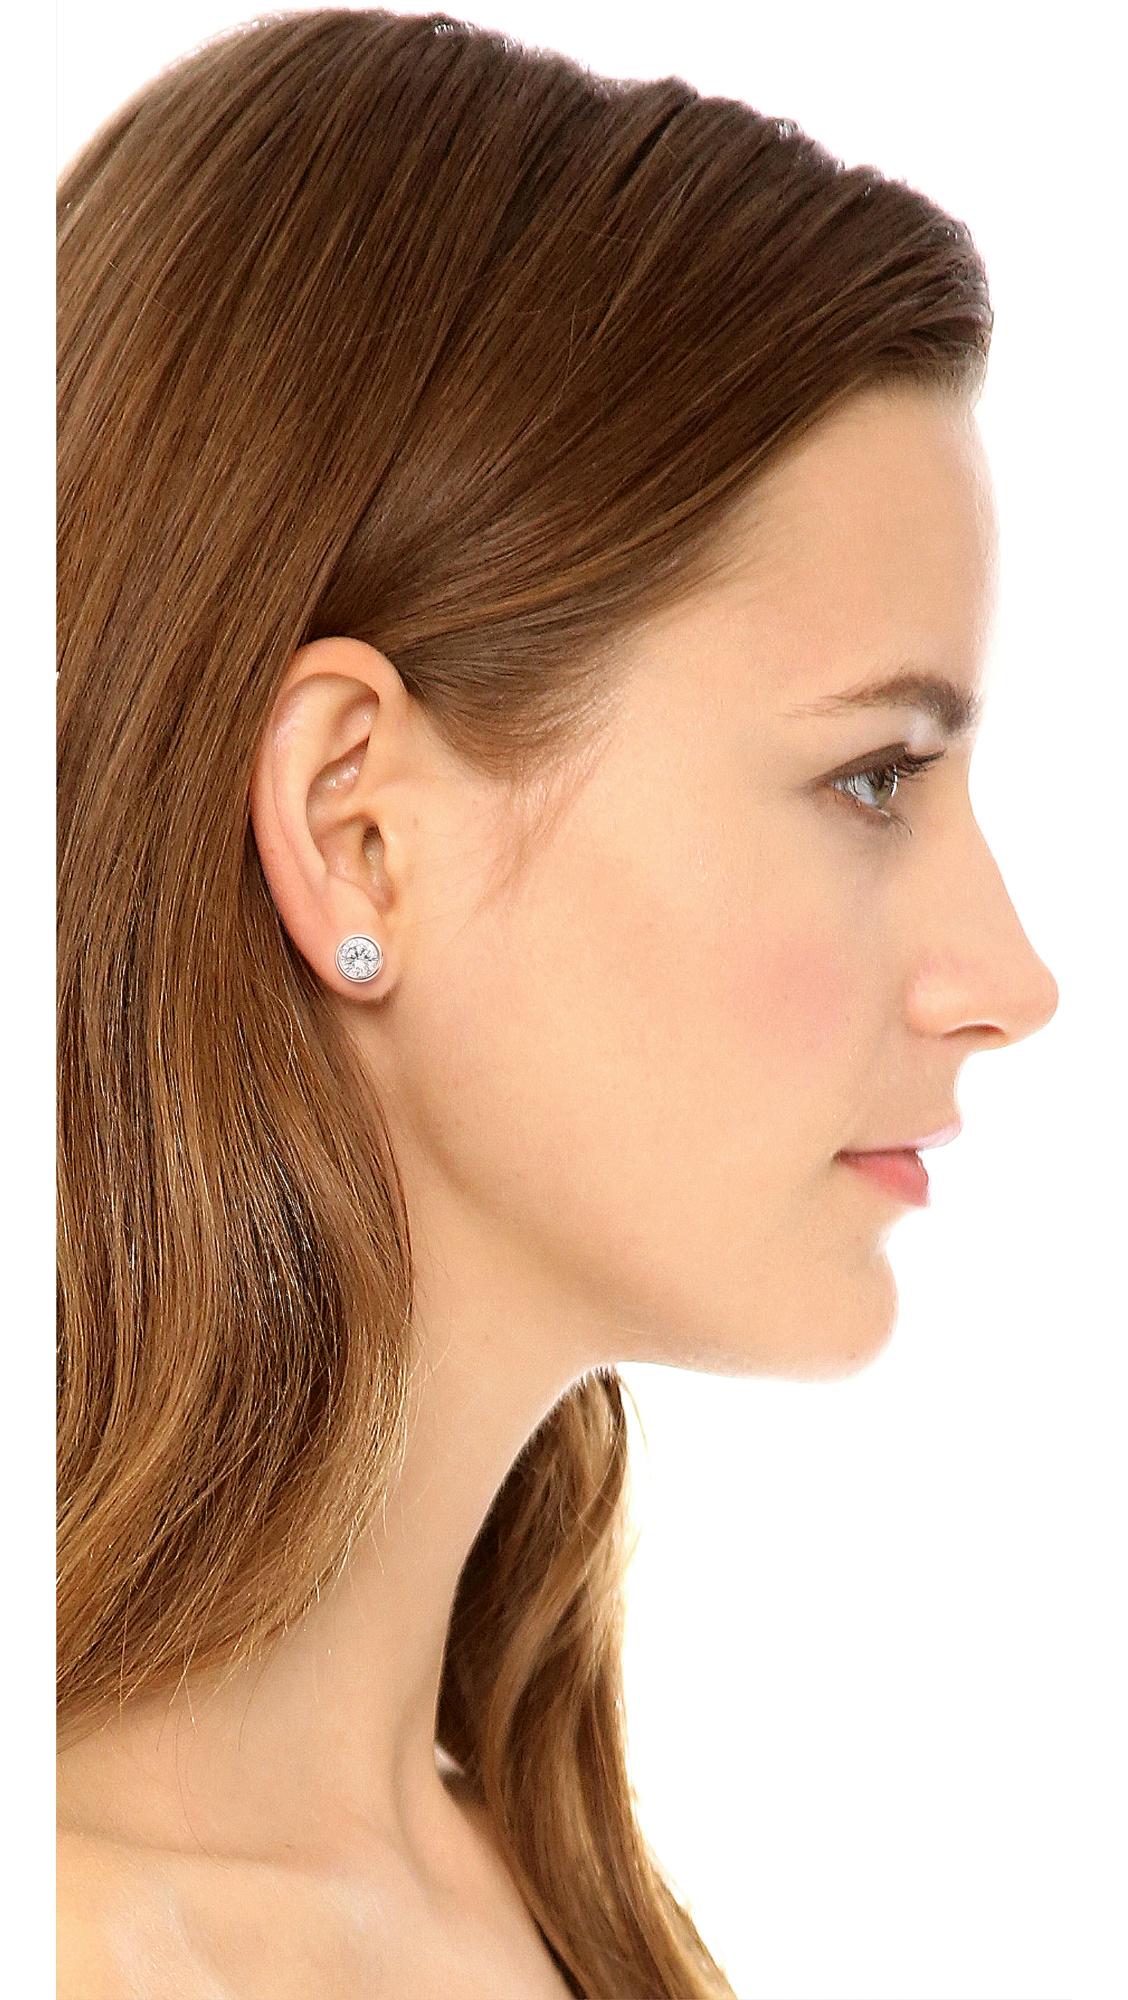 Michael Kors Park Avenue Cut Stud Earrings Rose Gold